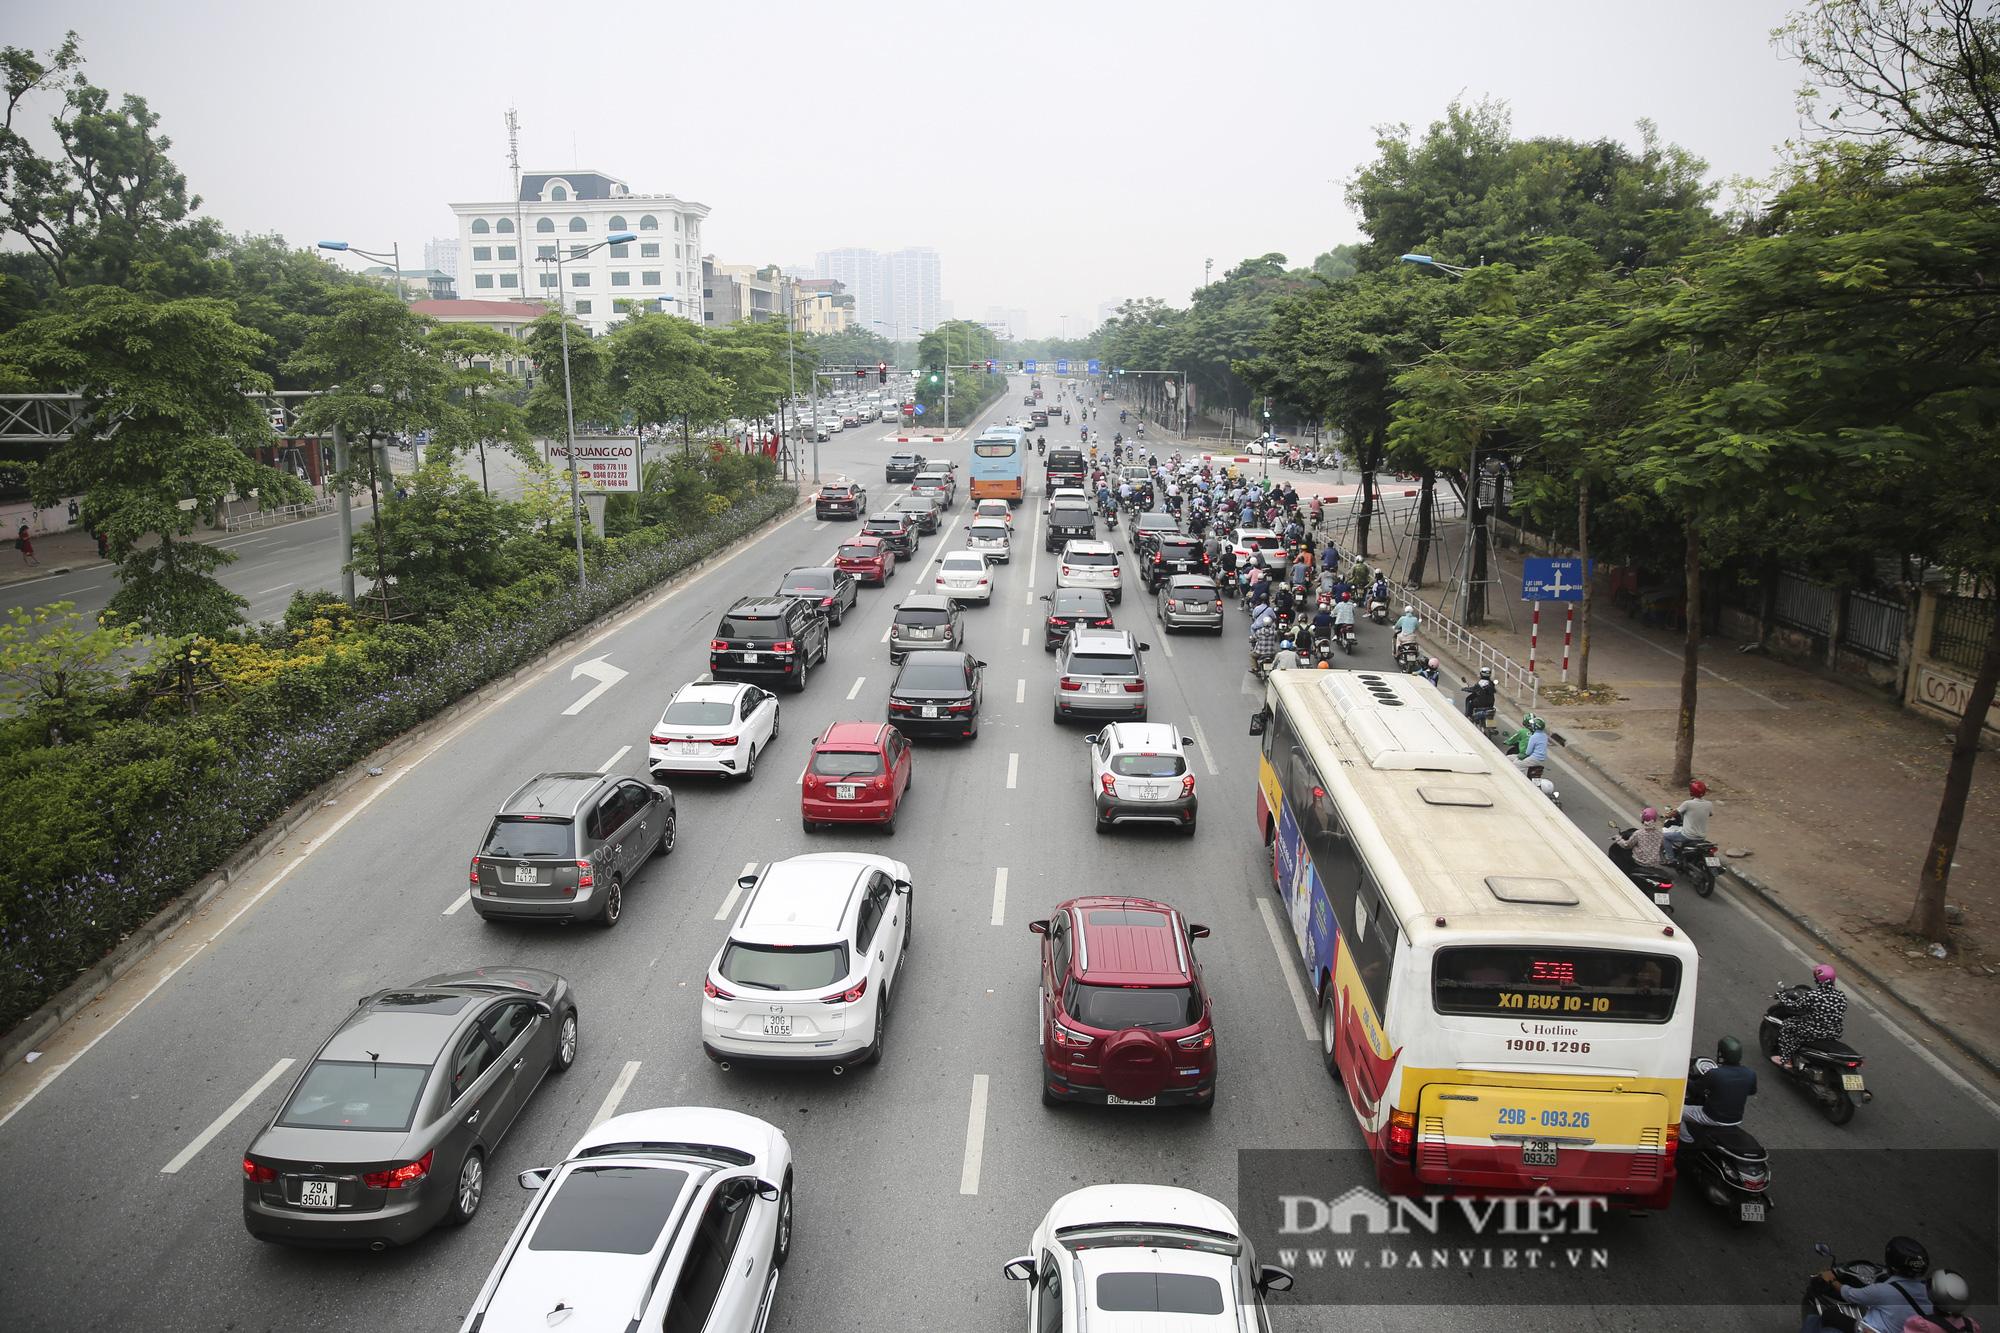 Cập nhật tình hình giao thông tại các cửa ngõ vào nội thành Hà Nội sau nghỉ lễ 2/9 - Ảnh 3.